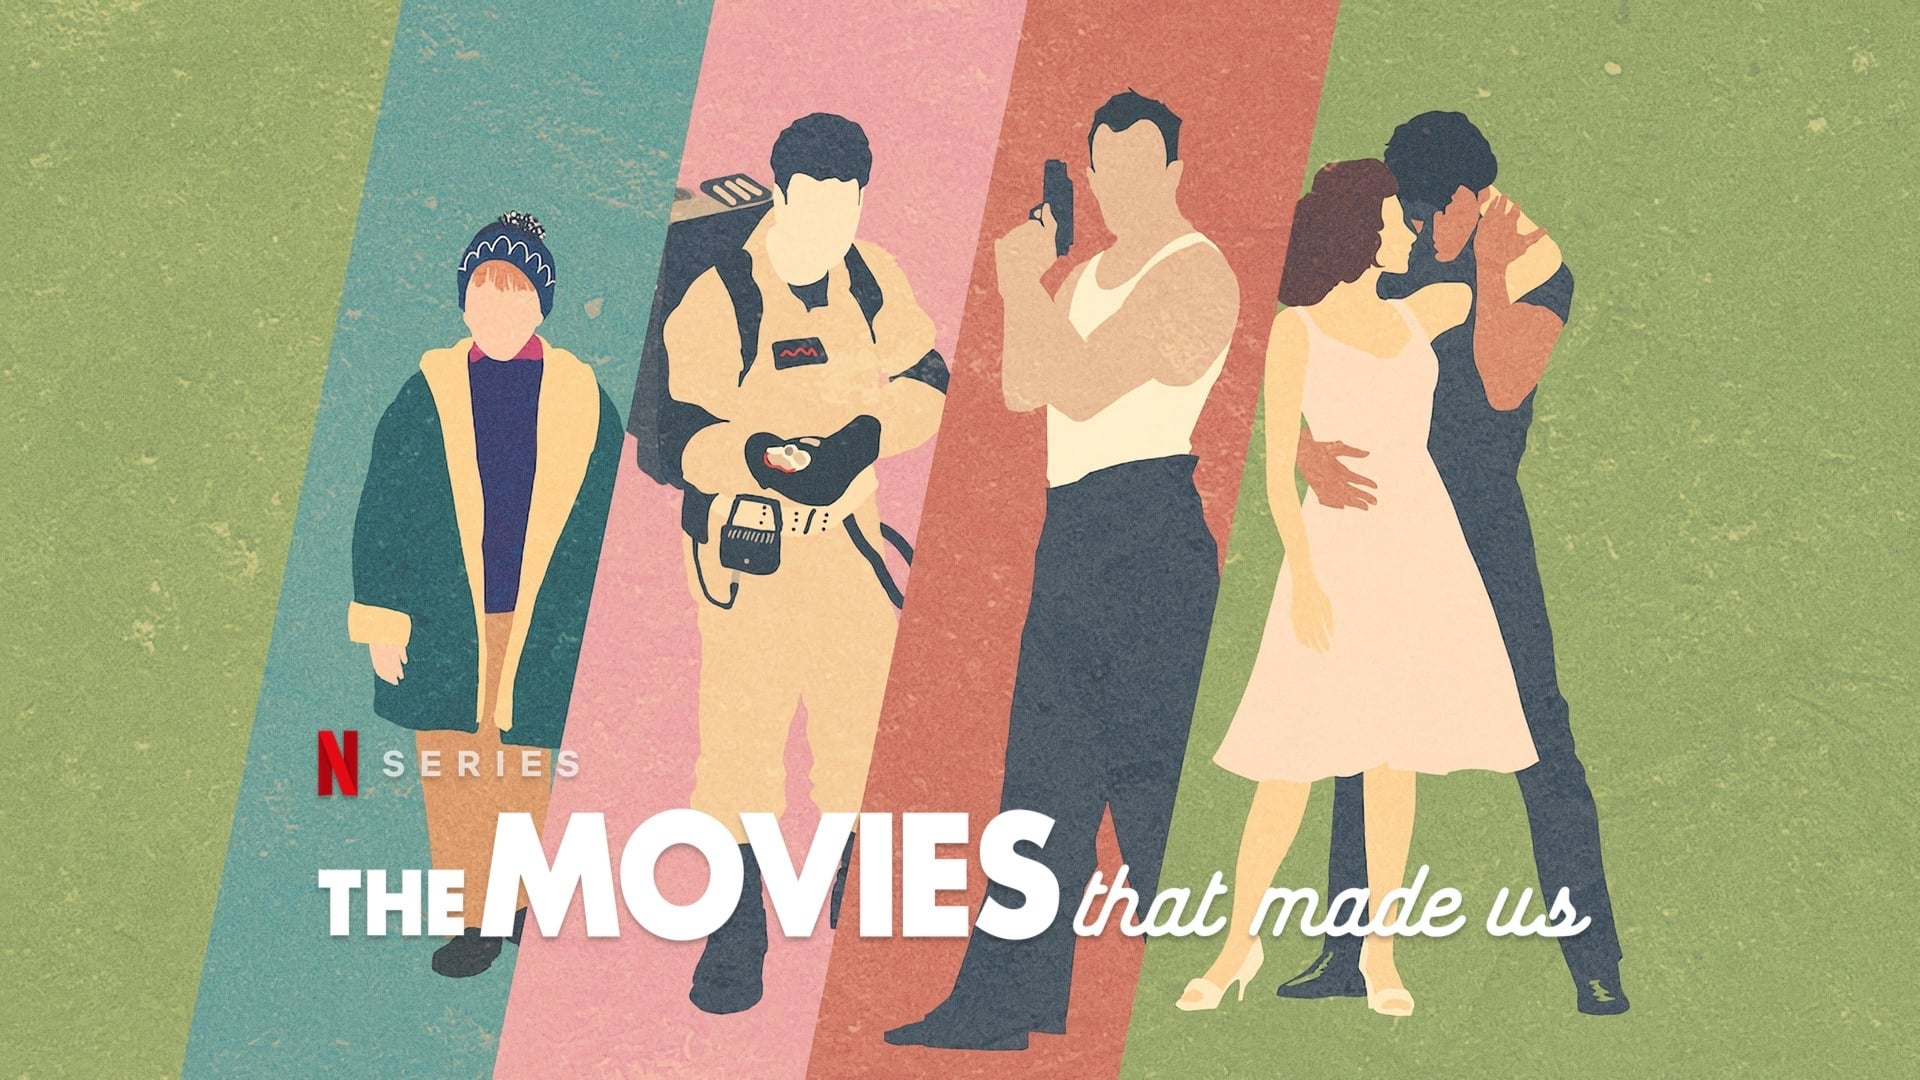 Las películas que nos formaron